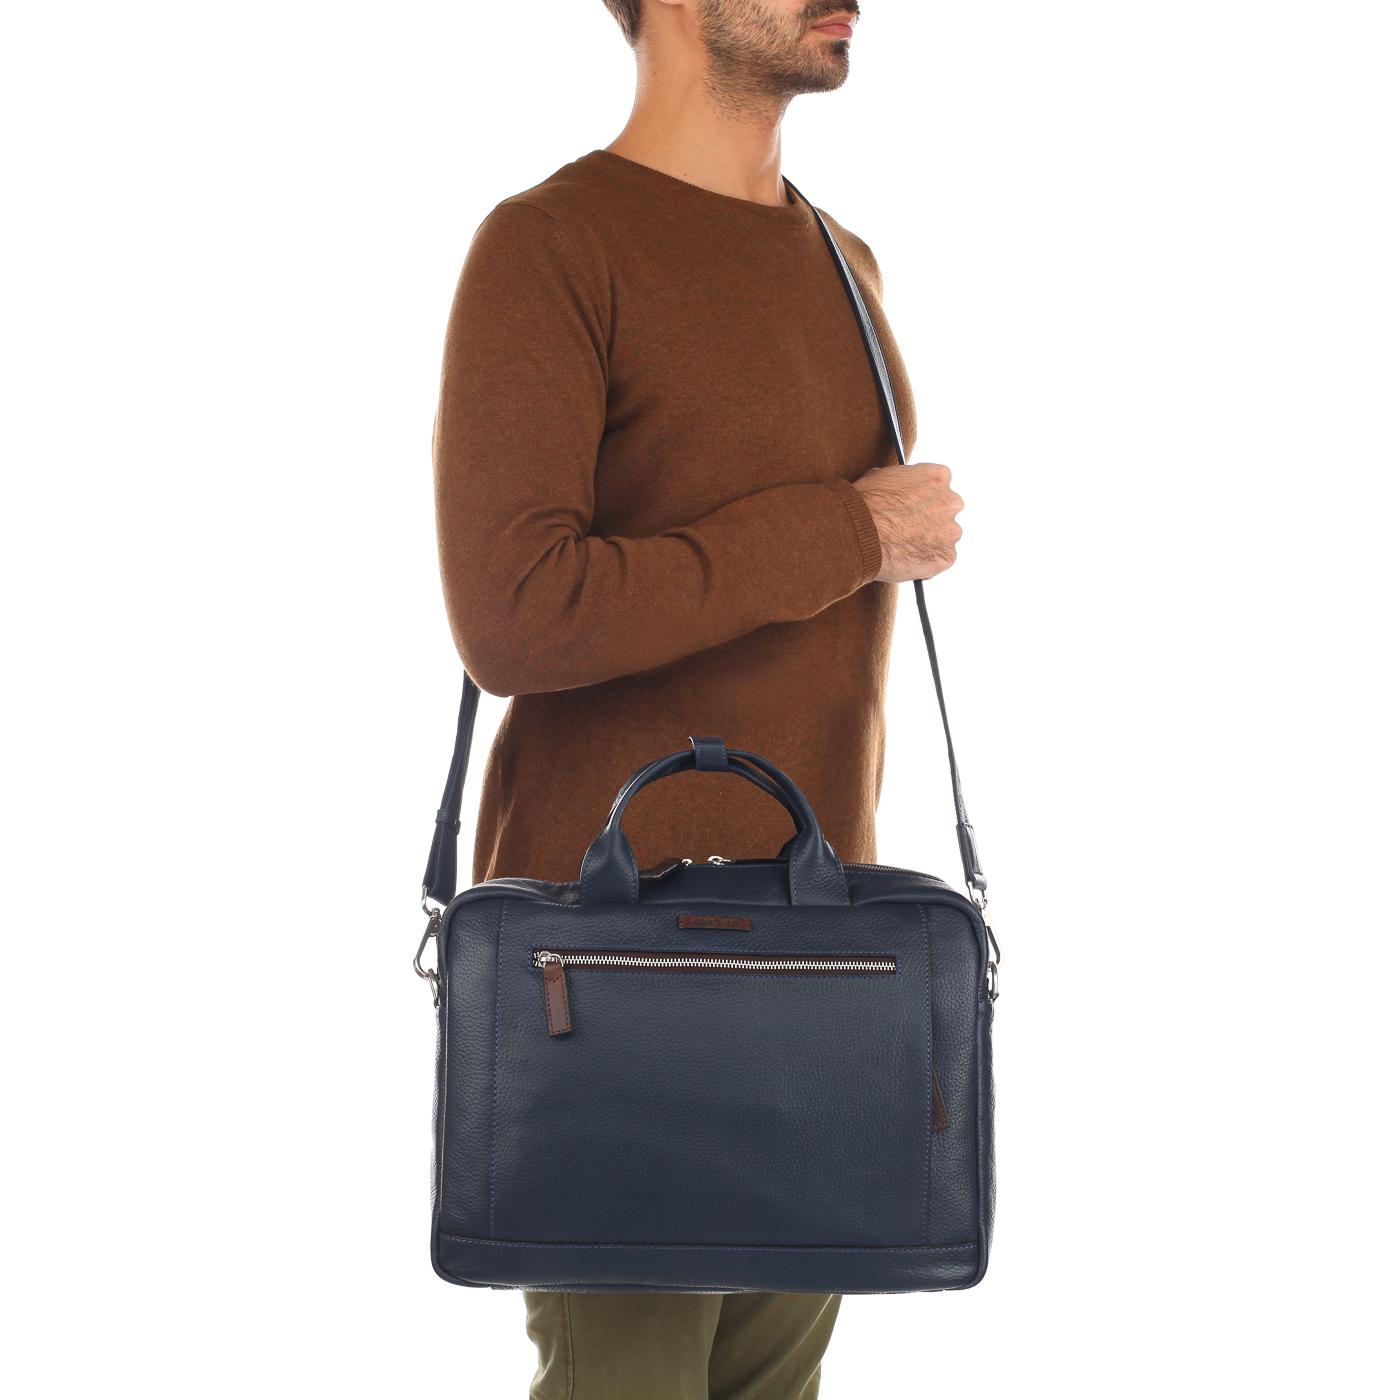 b76ca5d62f34 ... Мужская кожаная деловая сумка с отделением для ноутбука Cerruti 1881  Monaco ...